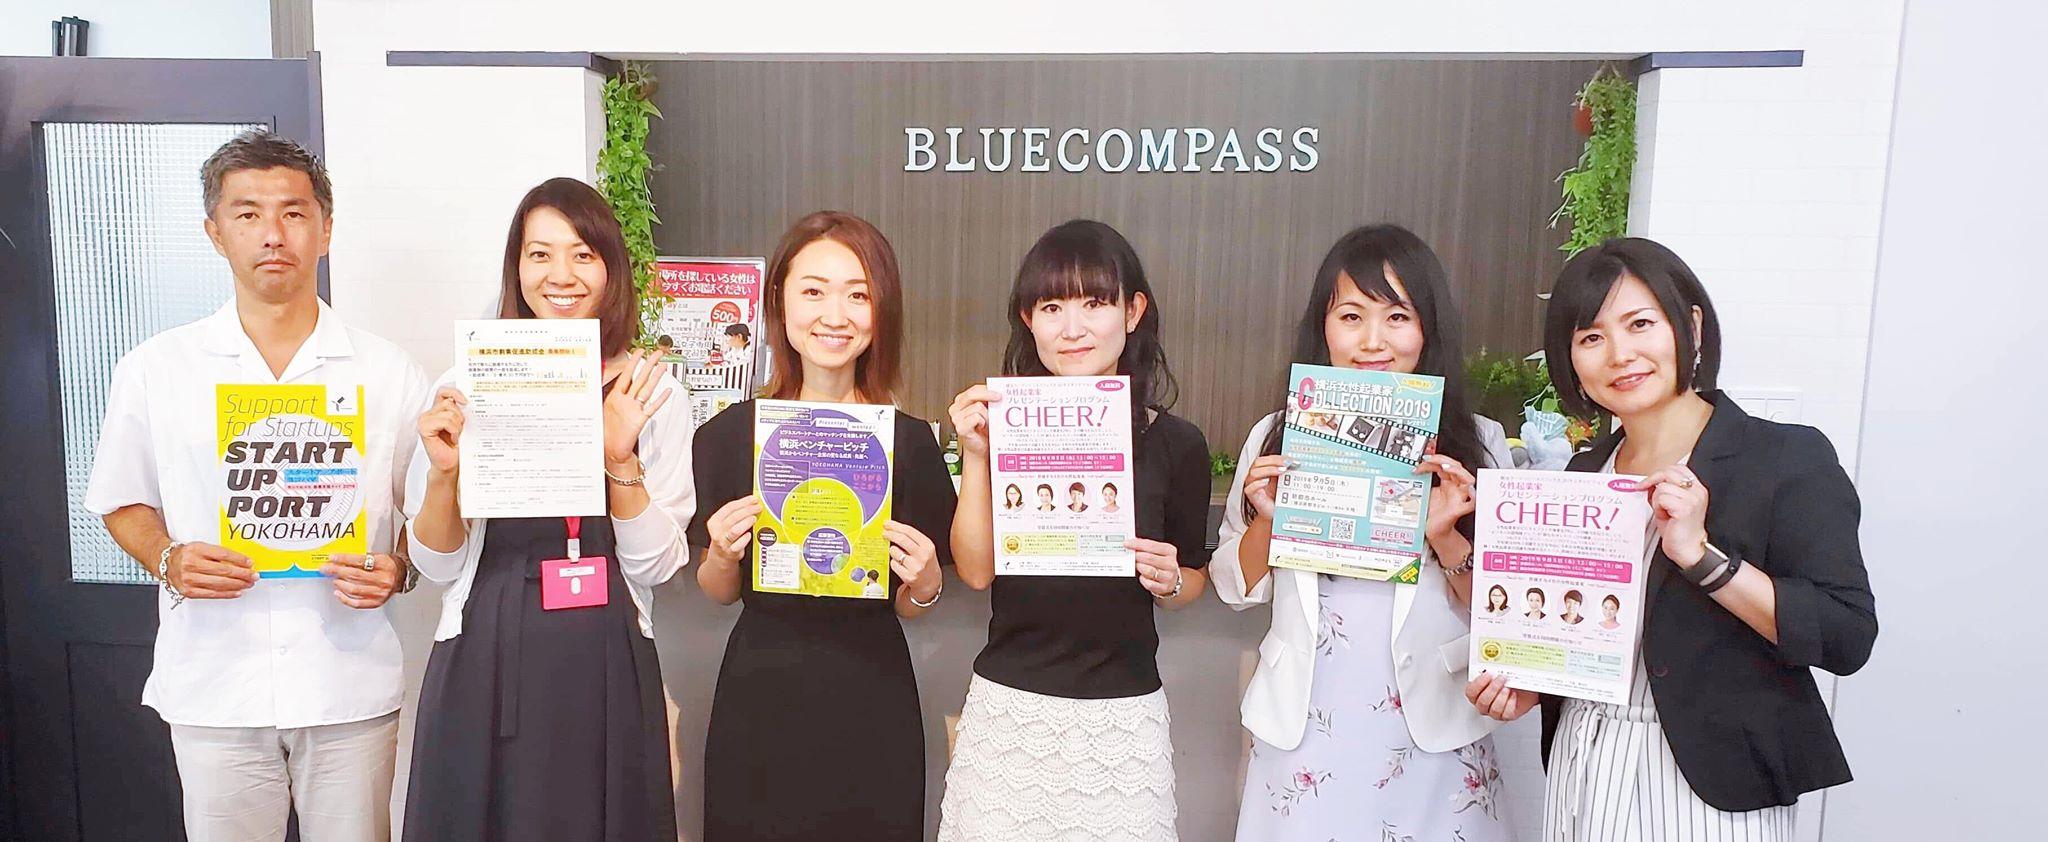 横浜市女性起業家支援事業「CHEER」「横浜女性起業家COLLECTION2019」